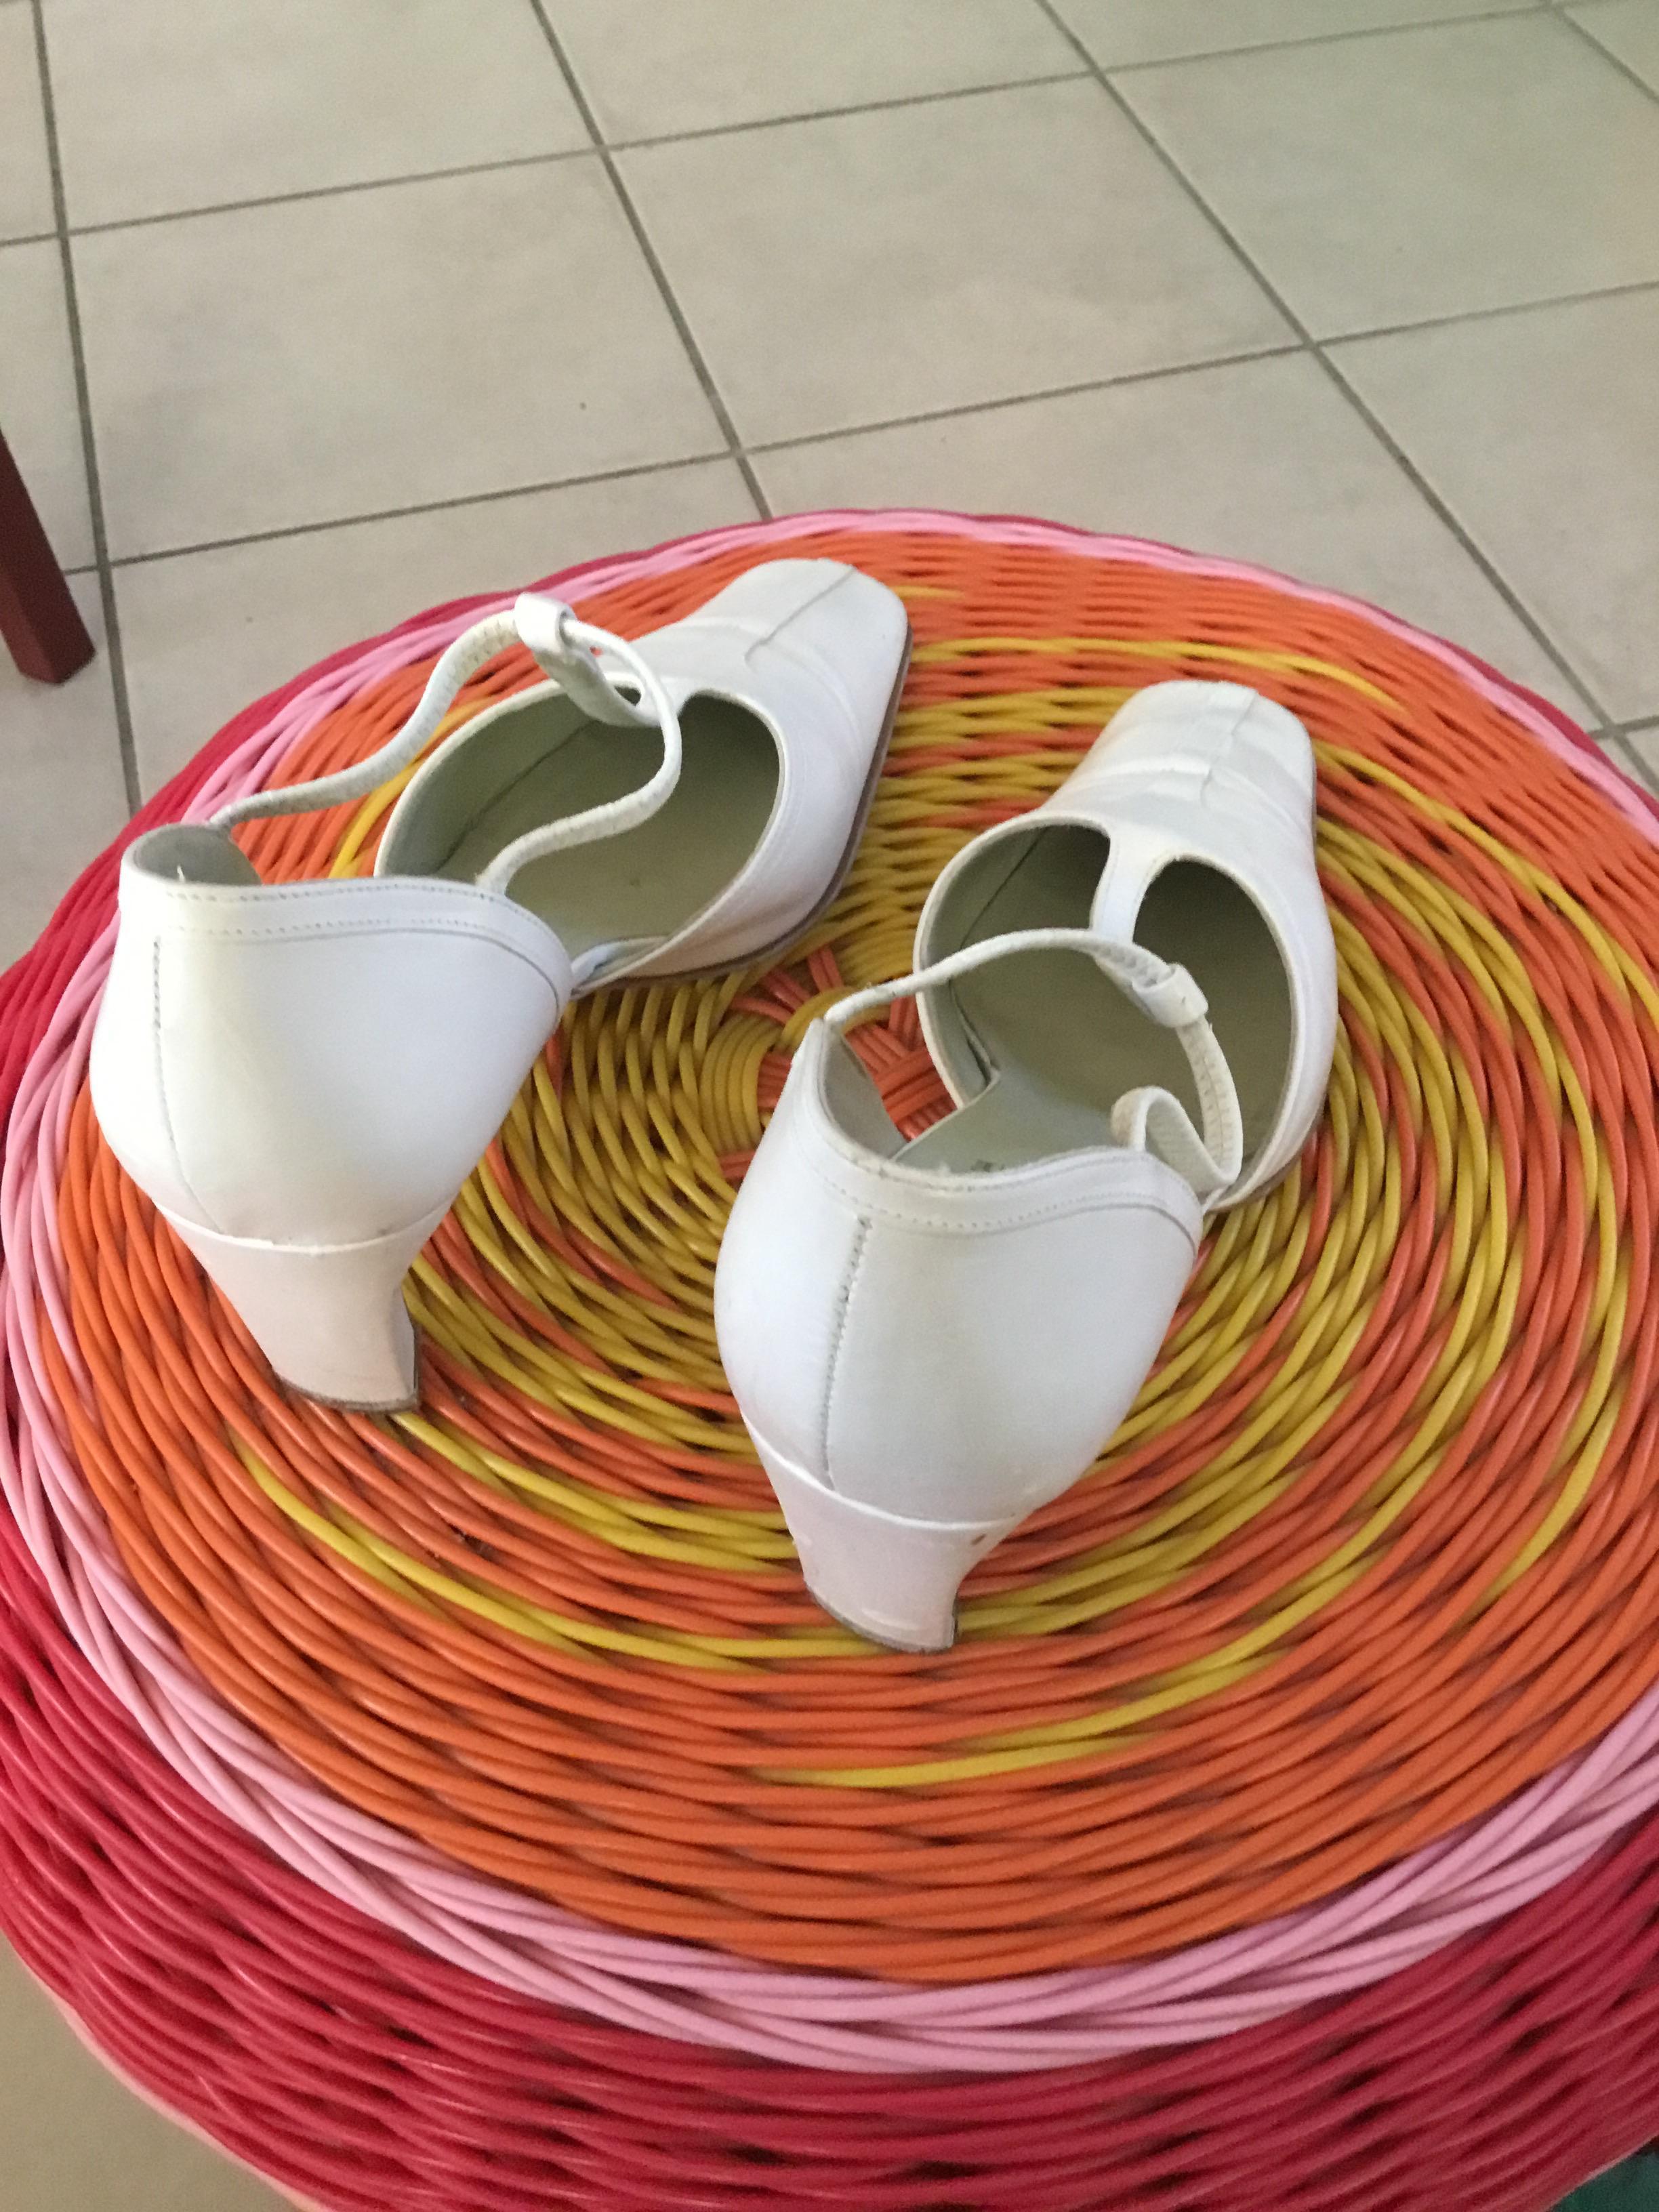 troc de troc donne chaussures femme à talons élégantes pointure 37 image 0